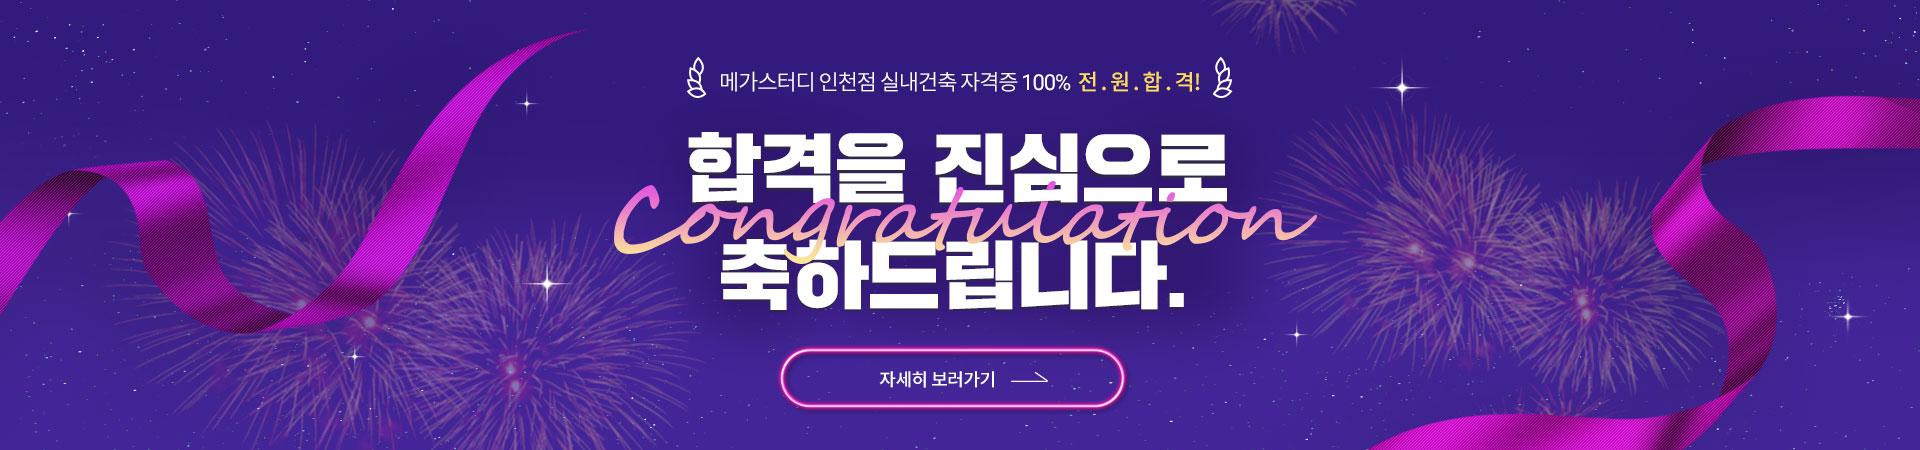 실내건축자격증 인천점 전원 합격!